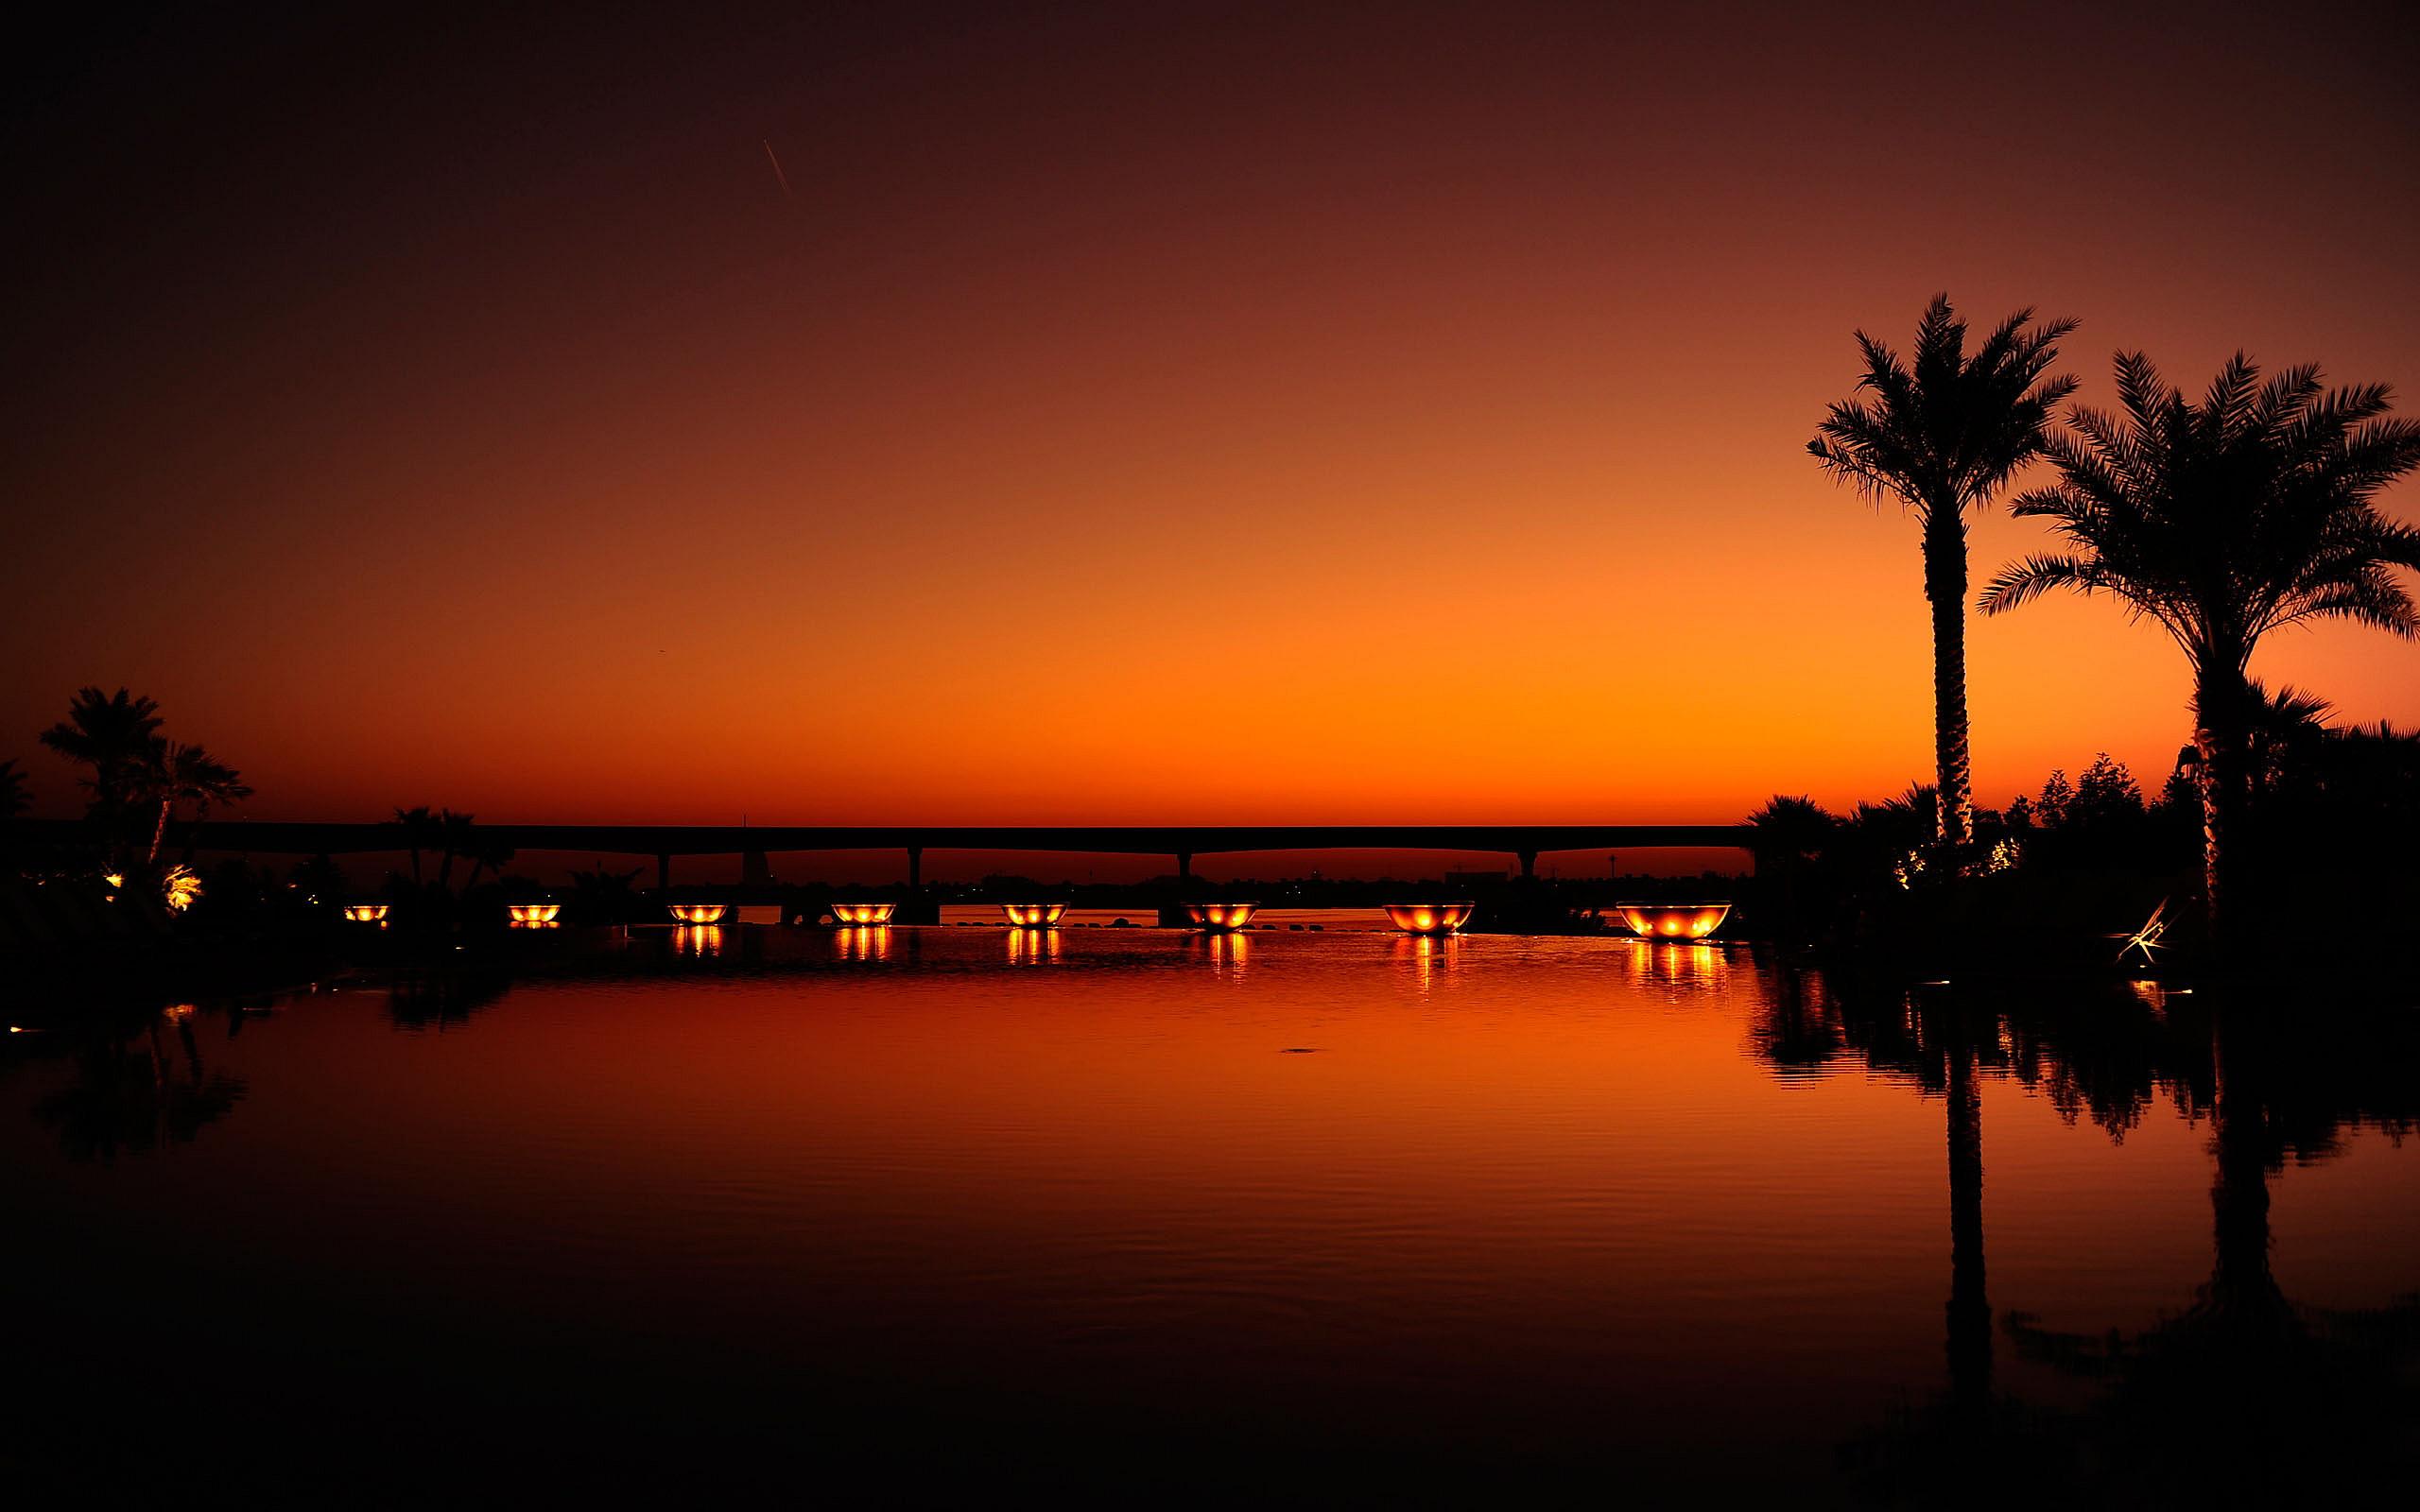 sunrise resort love romantic